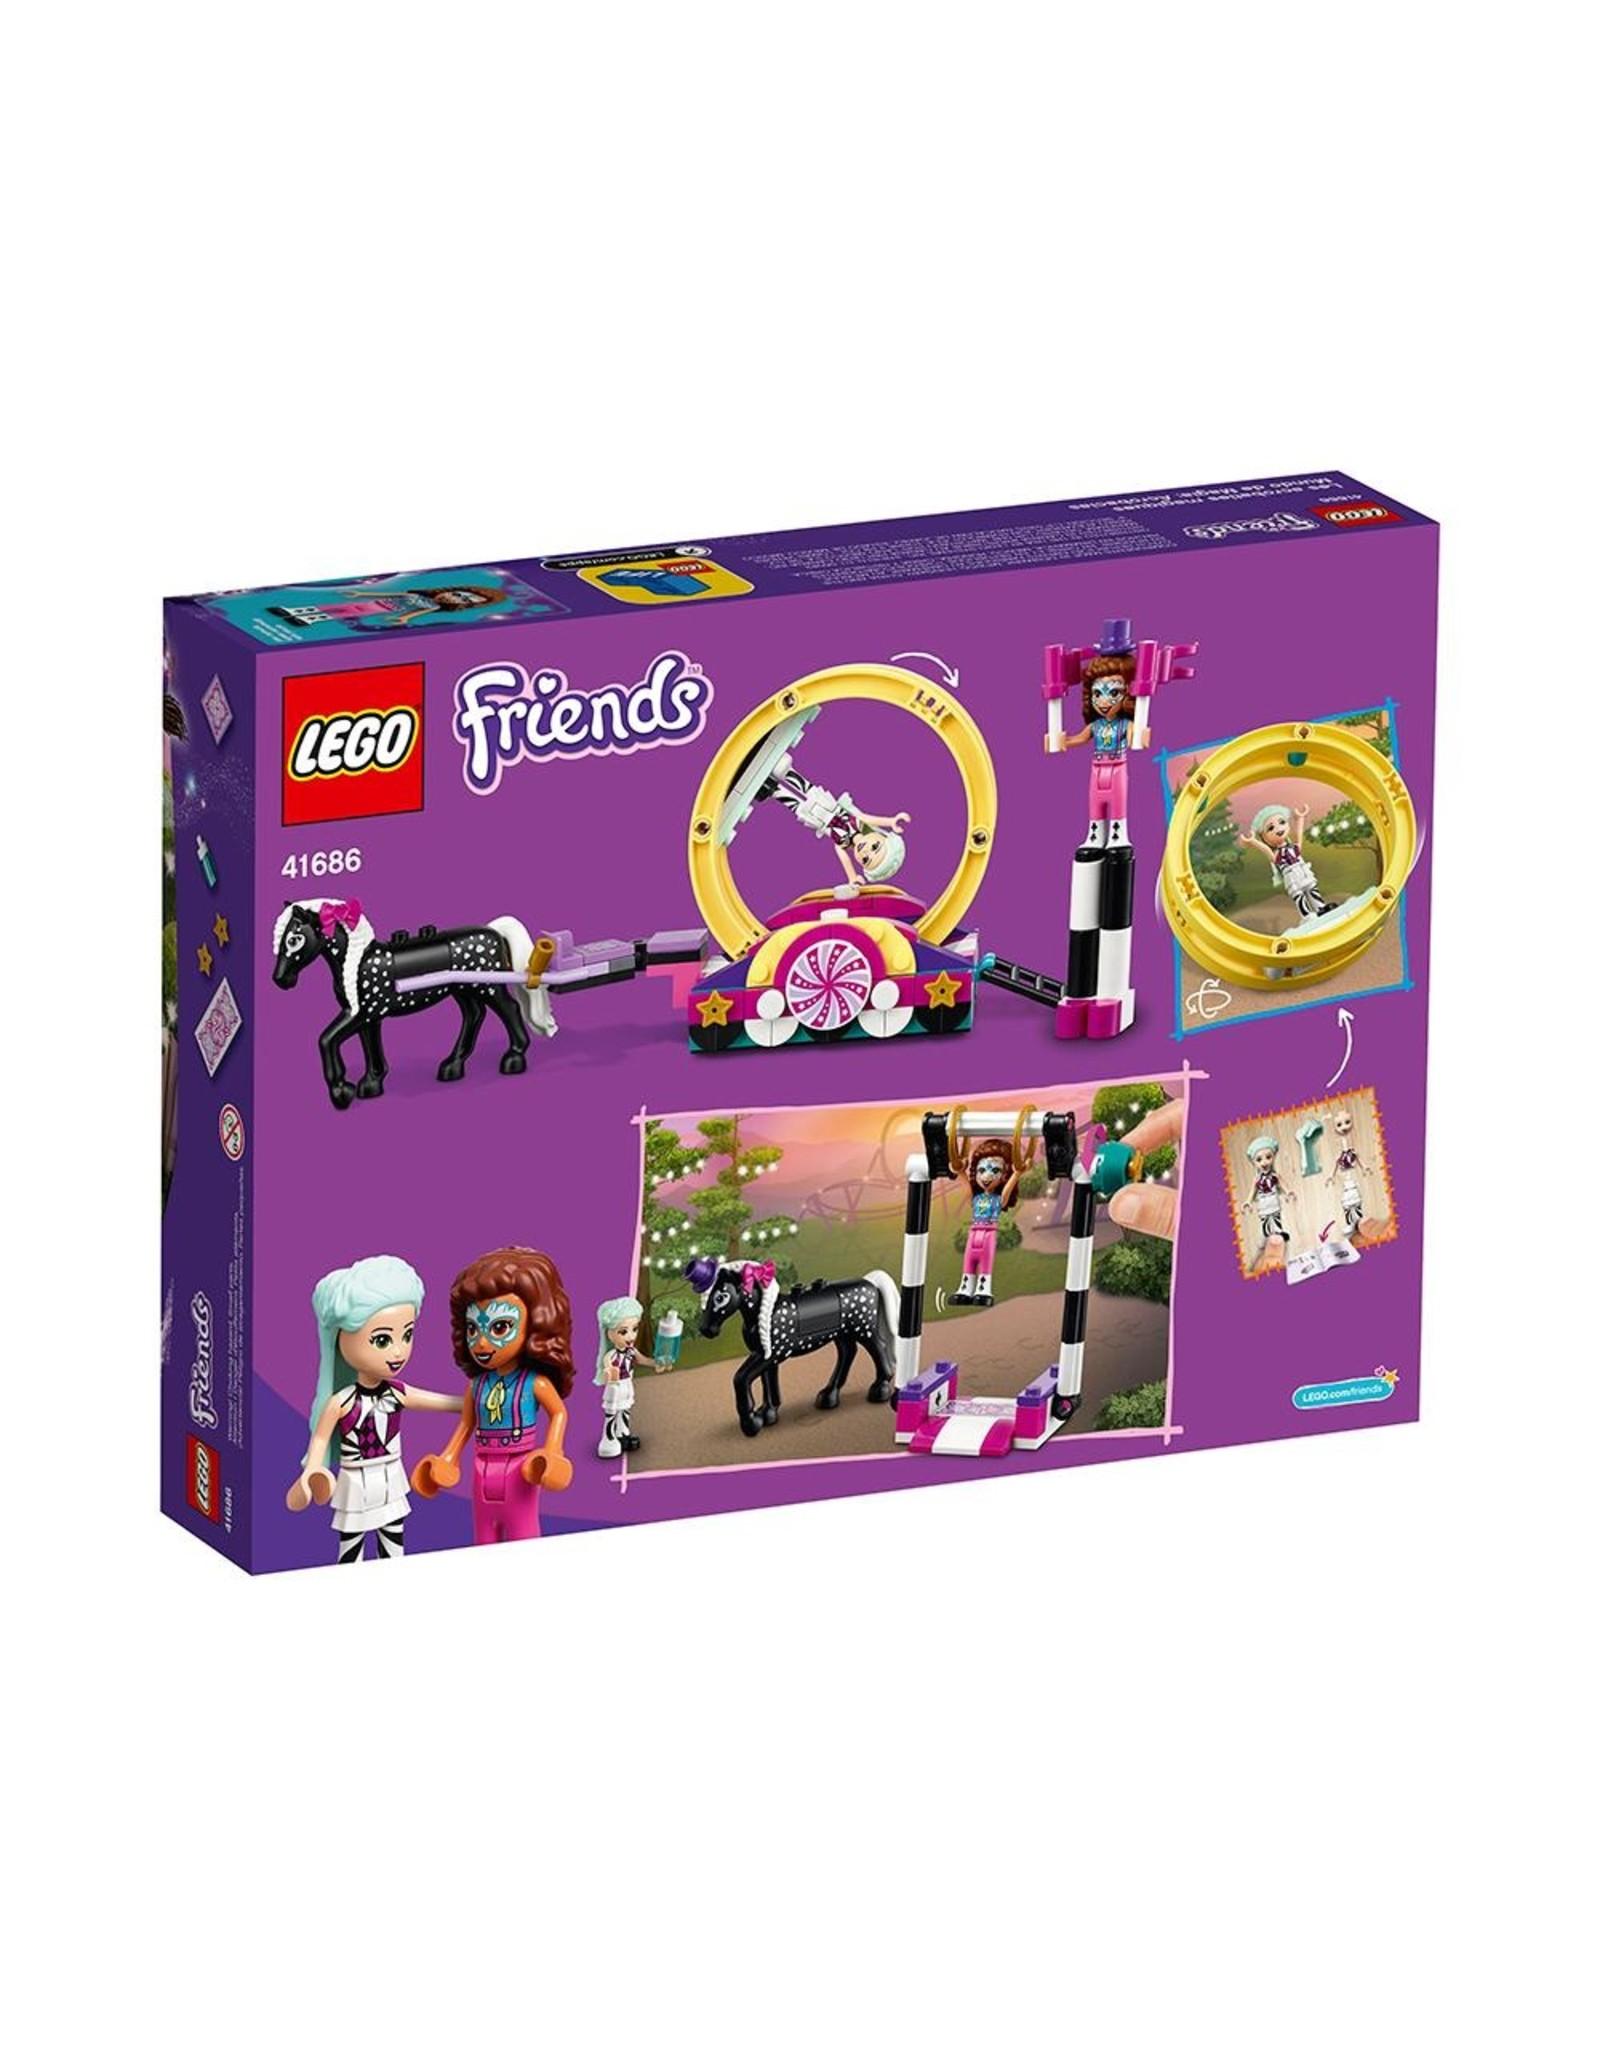 LEGO Friends 41686 Magical Acrobatics